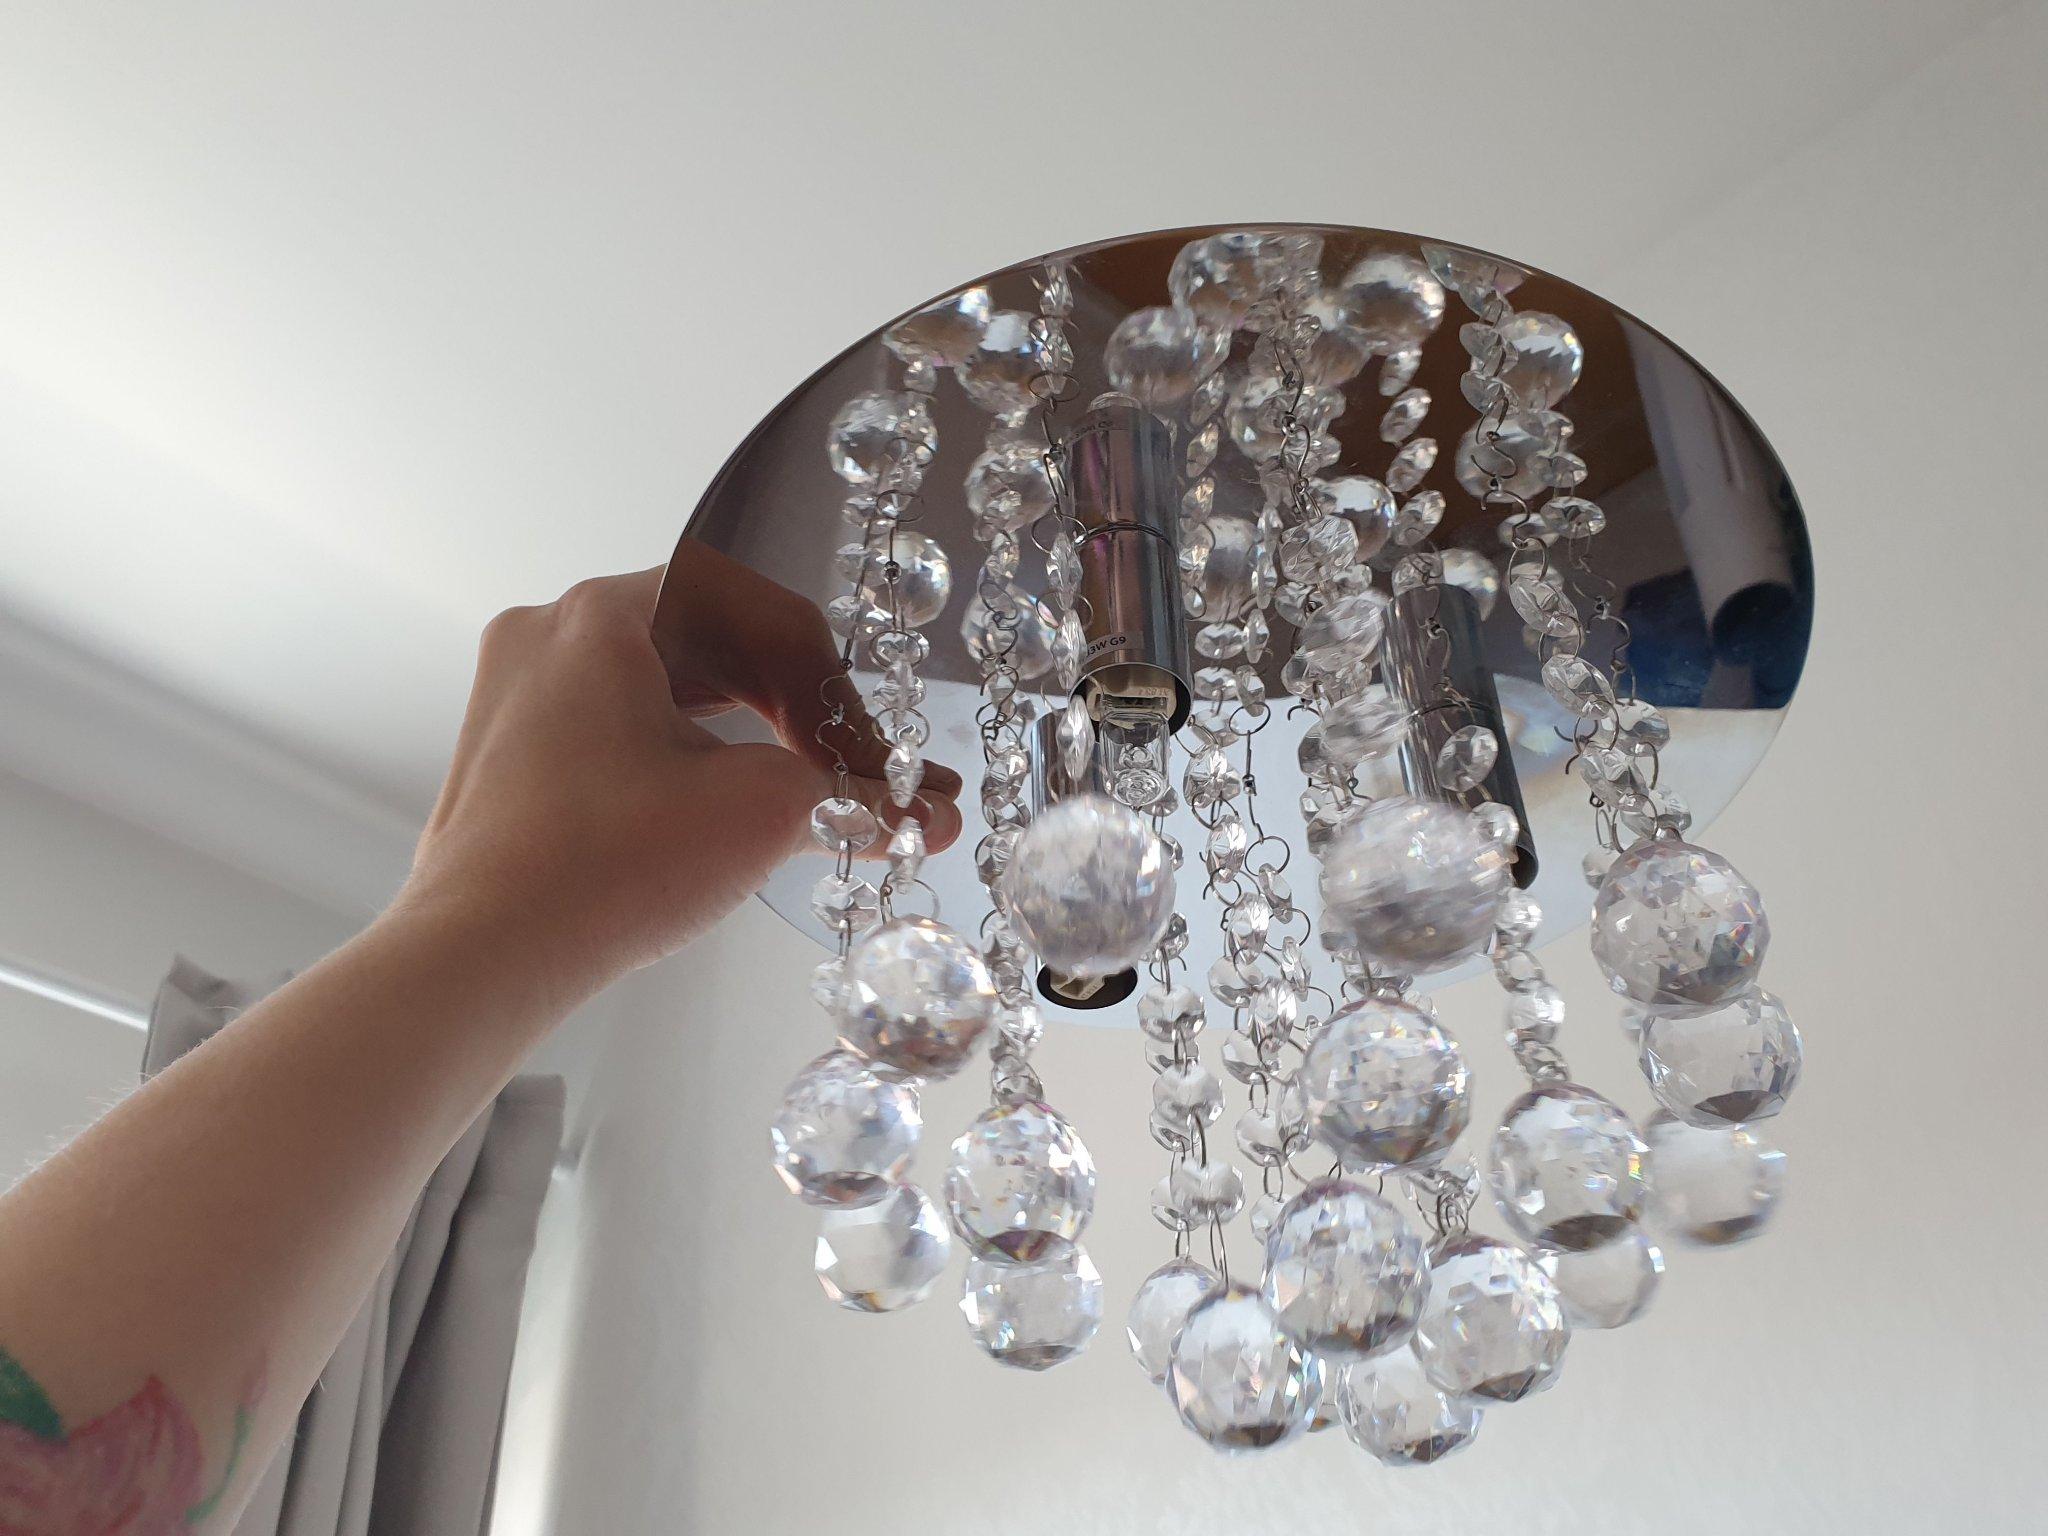 Fin lampa med prismor i glas! (397765359) ᐈ Köp på Tradera